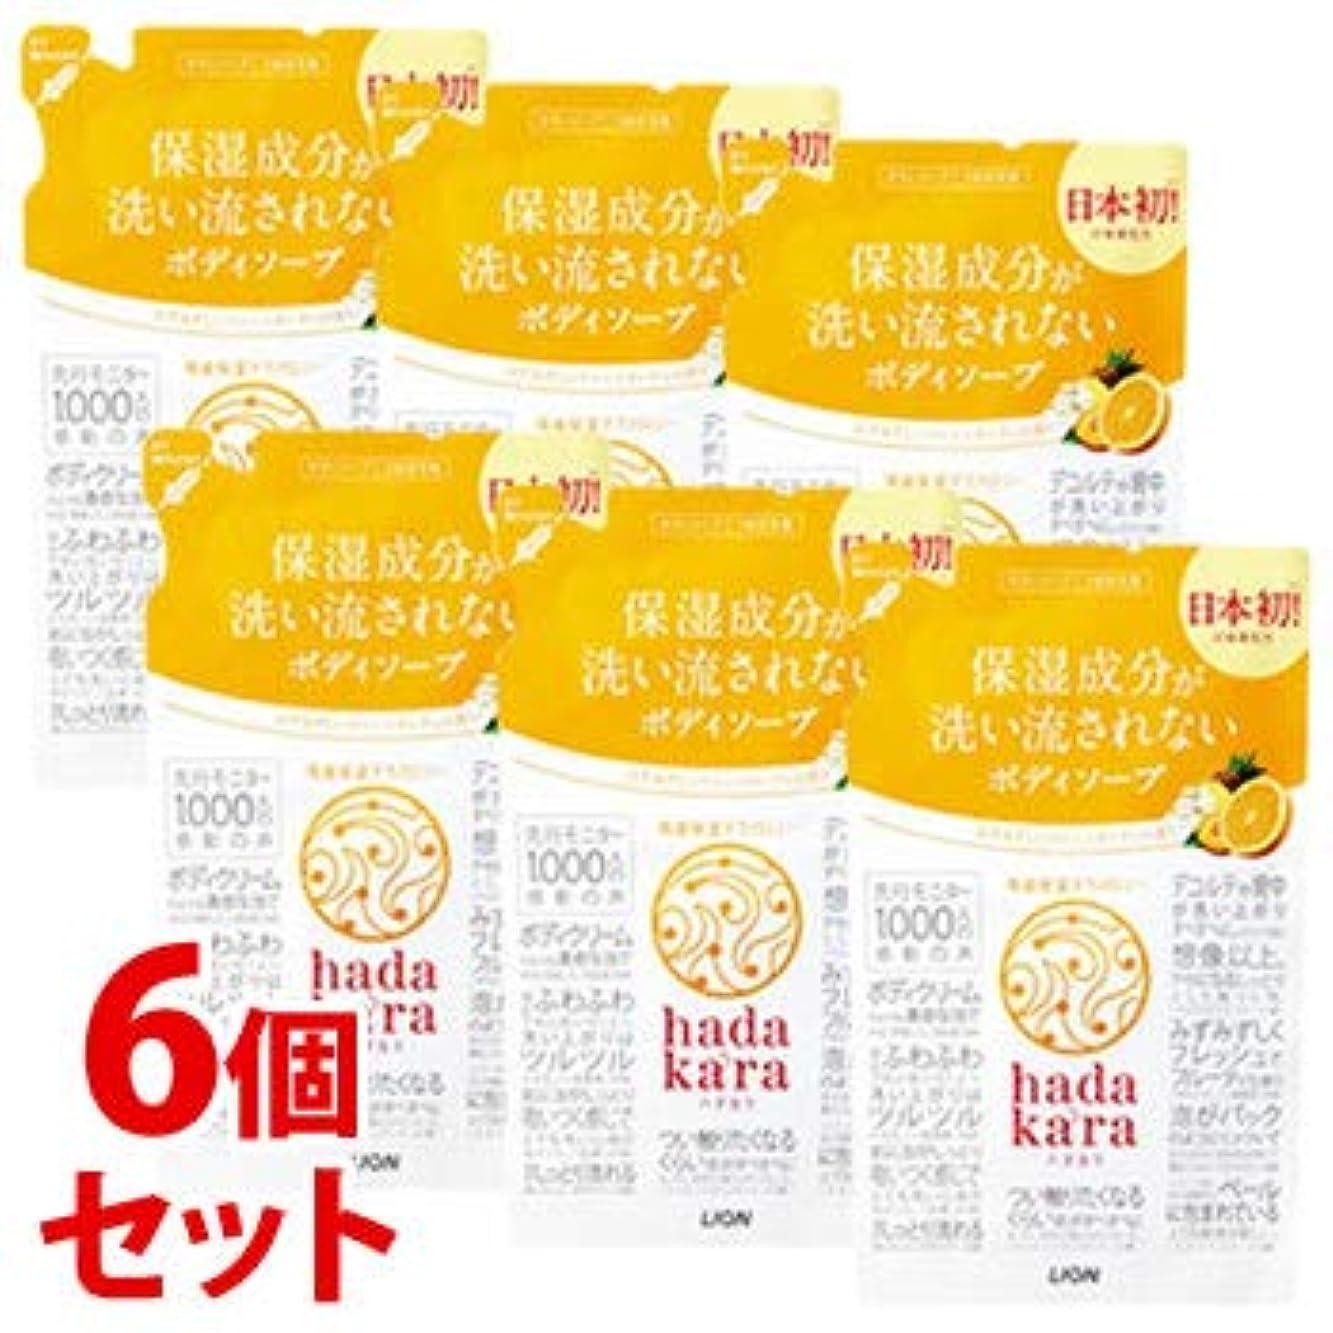 マーキングオピエート距離《セット販売》 ライオン ハダカラ hadakara ボディソープ フルーツガーデンの香り つめかえ用 (360mL)×6個セット 詰め替え用